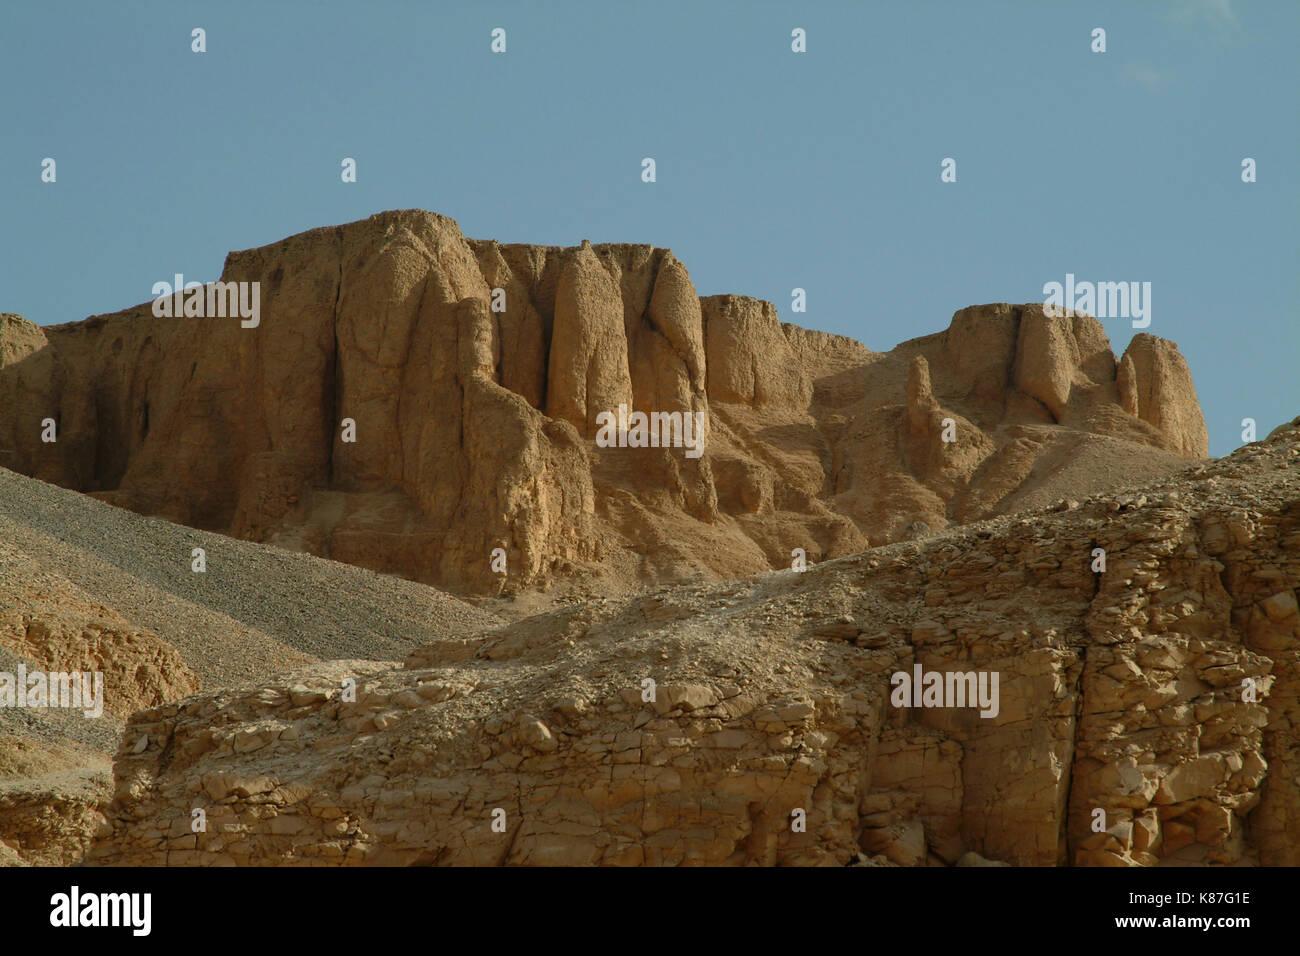 Die Gräber im Tal der Könige ohne Menschen, Theben, Luxor, UNESCO-Weltkulturerbe, Ägypten, Nordafrika, Afrika Stockbild